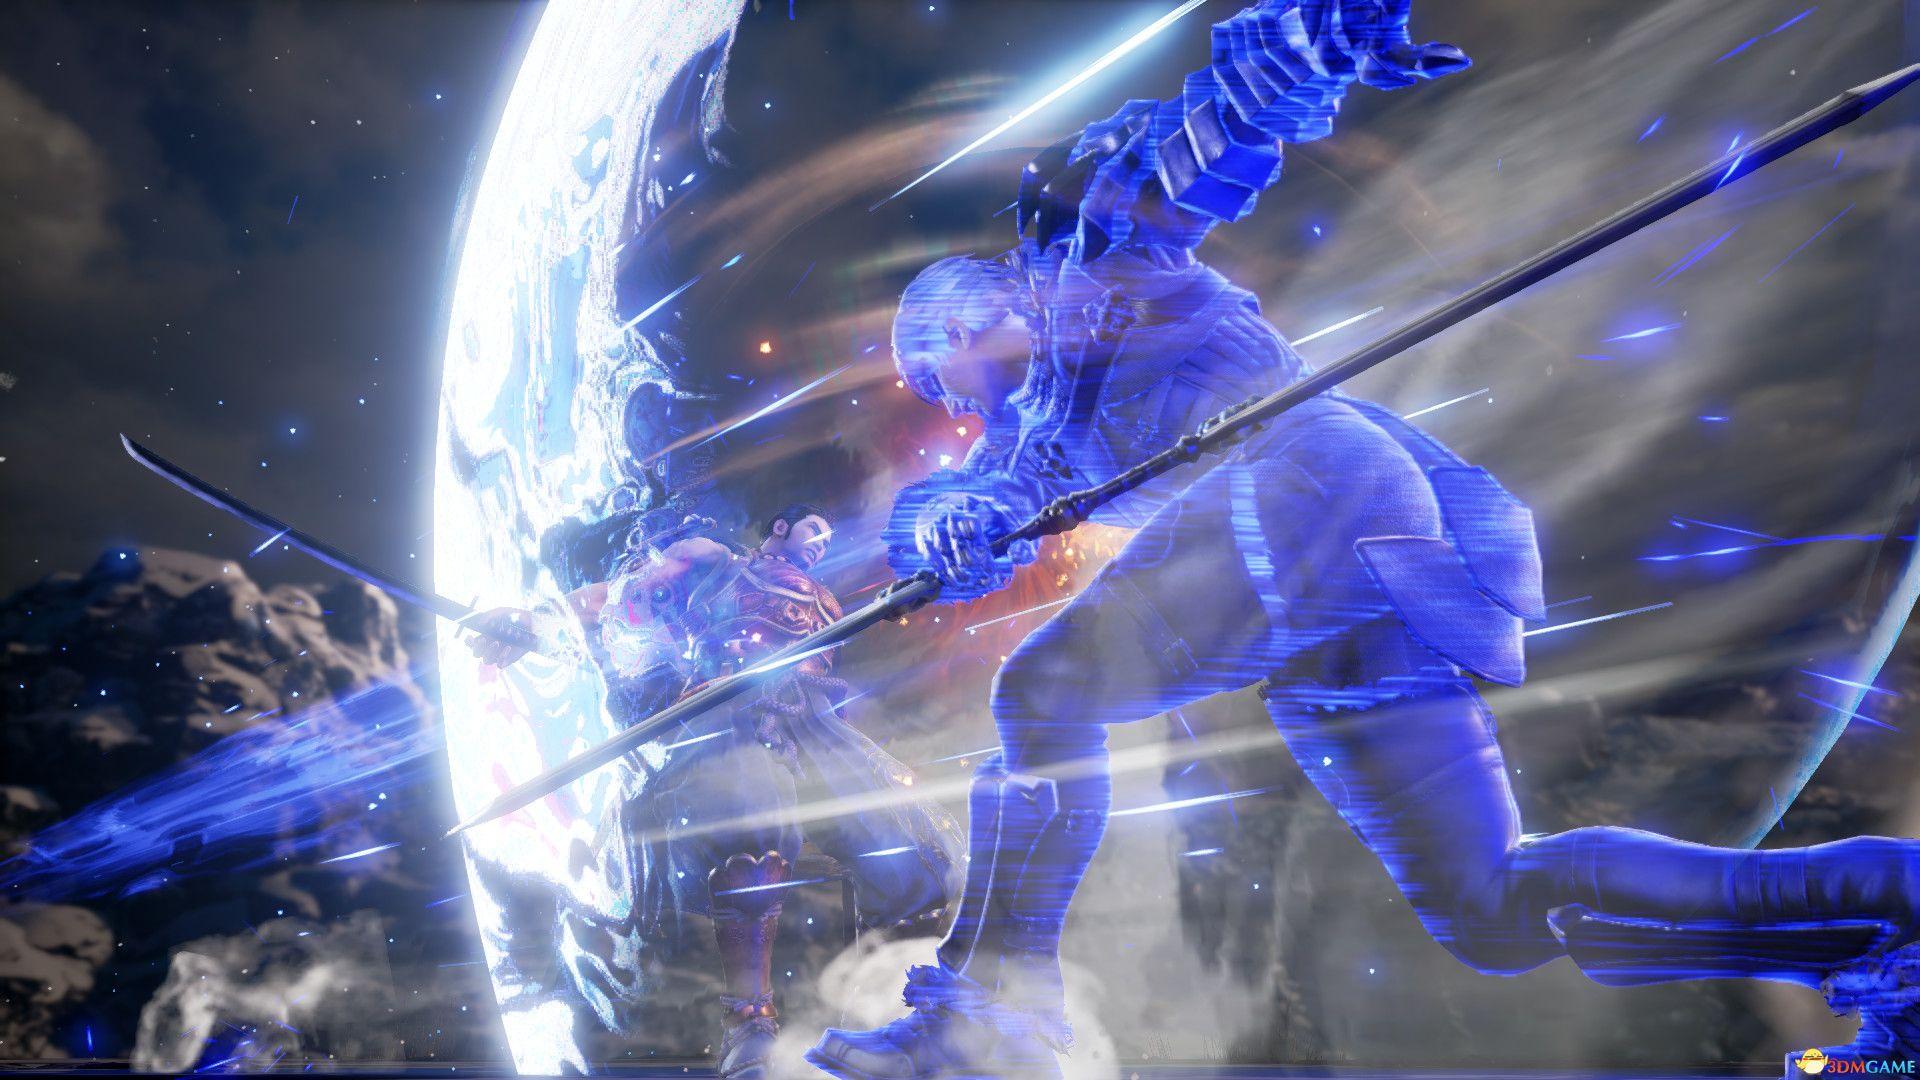 刀剑格斗巅峰之作《灵魂能力6》PC豪华版下载